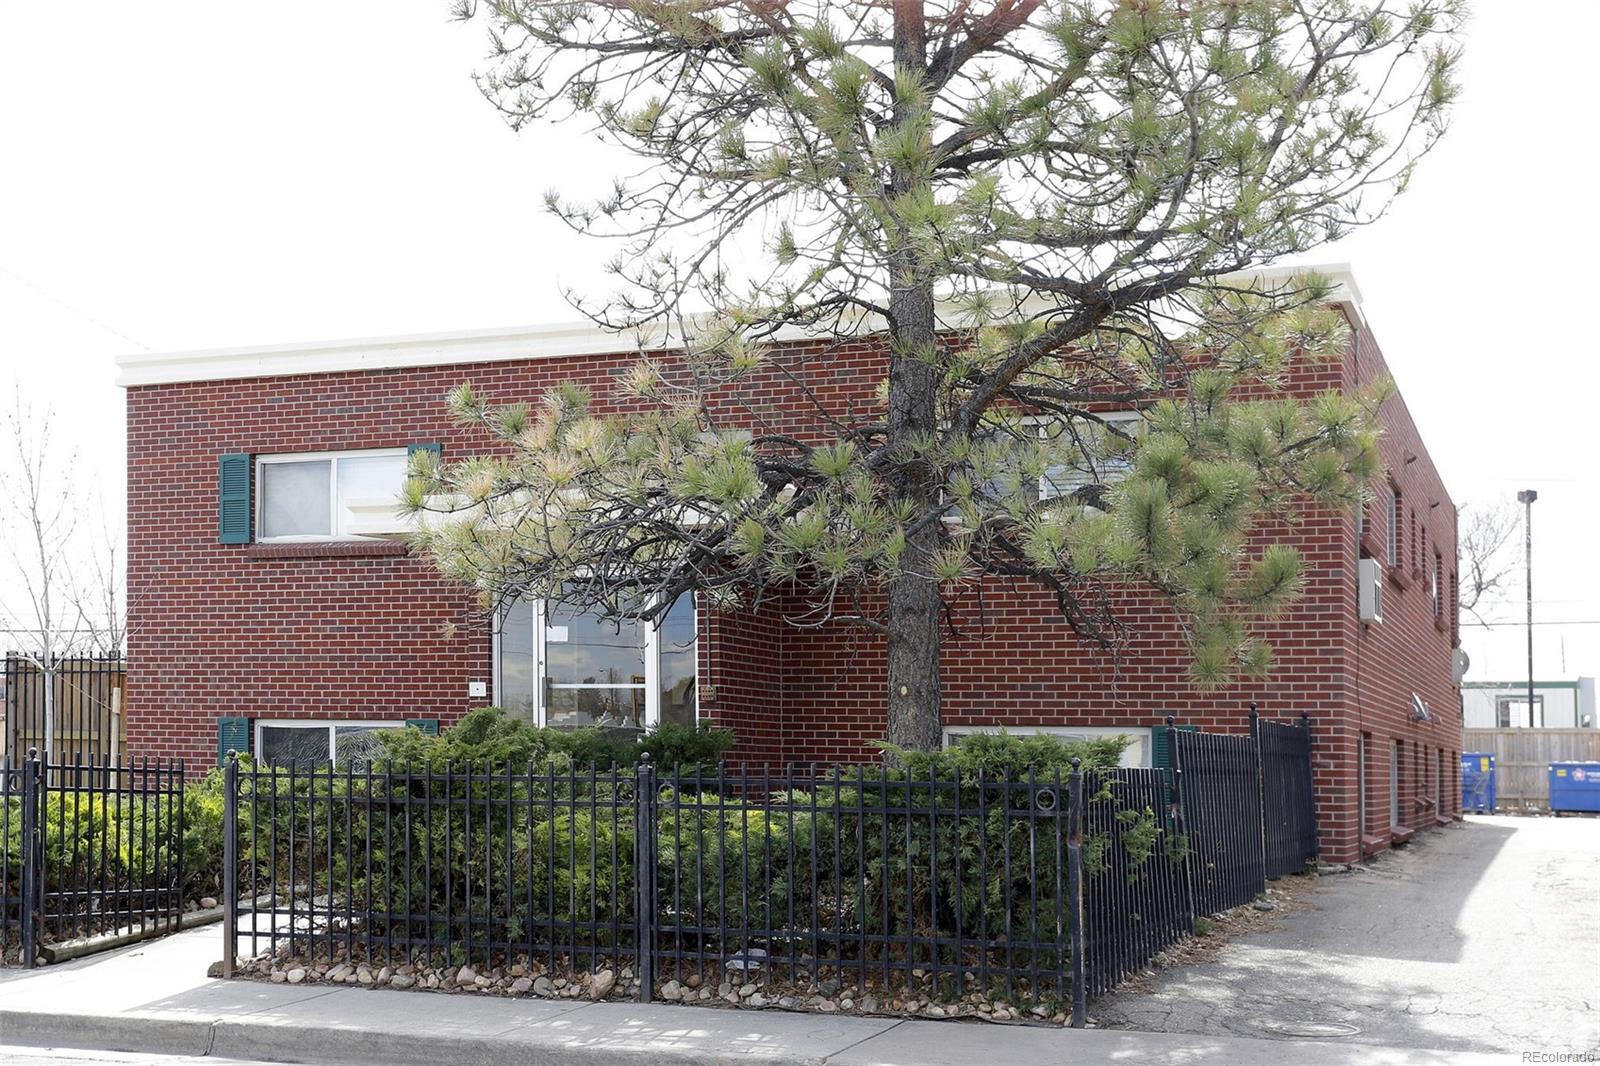 12014 E 14th Avenue, Aurora, CO 80010 - Aurora, CO real estate listing